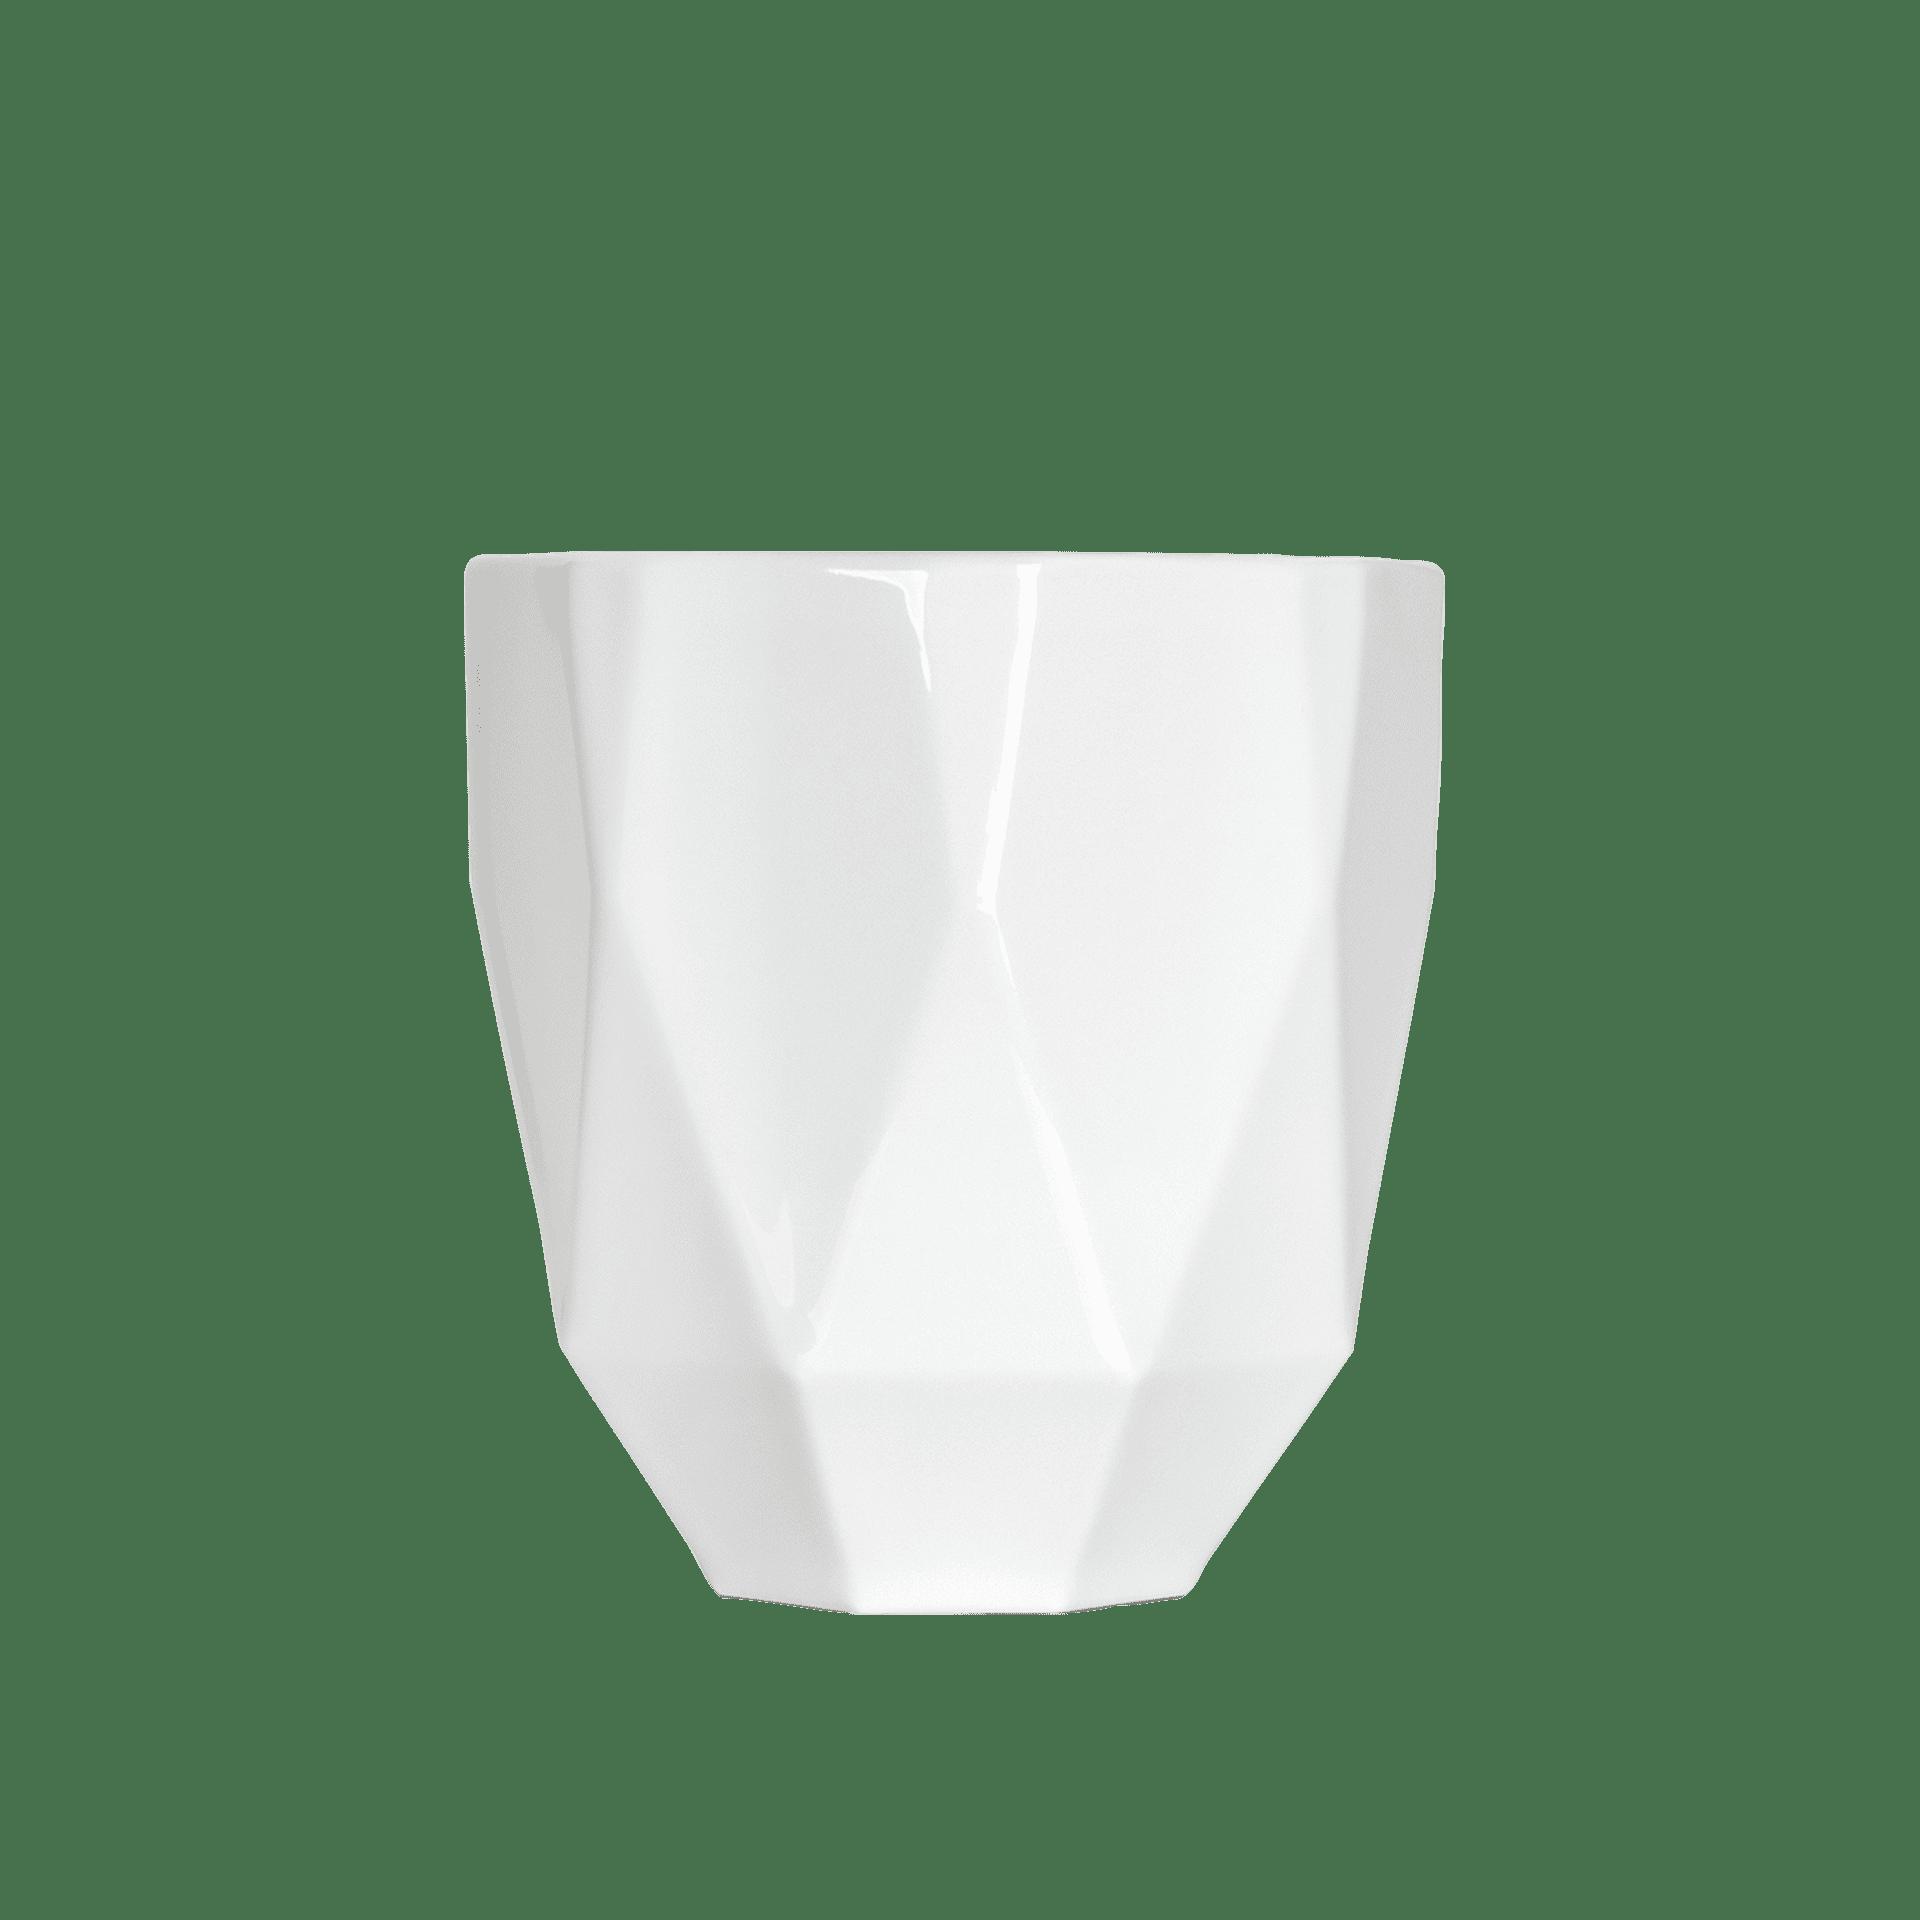 Porzellan Windlicht mit aussergewöhnlicher Form - Mahlwerck Shop